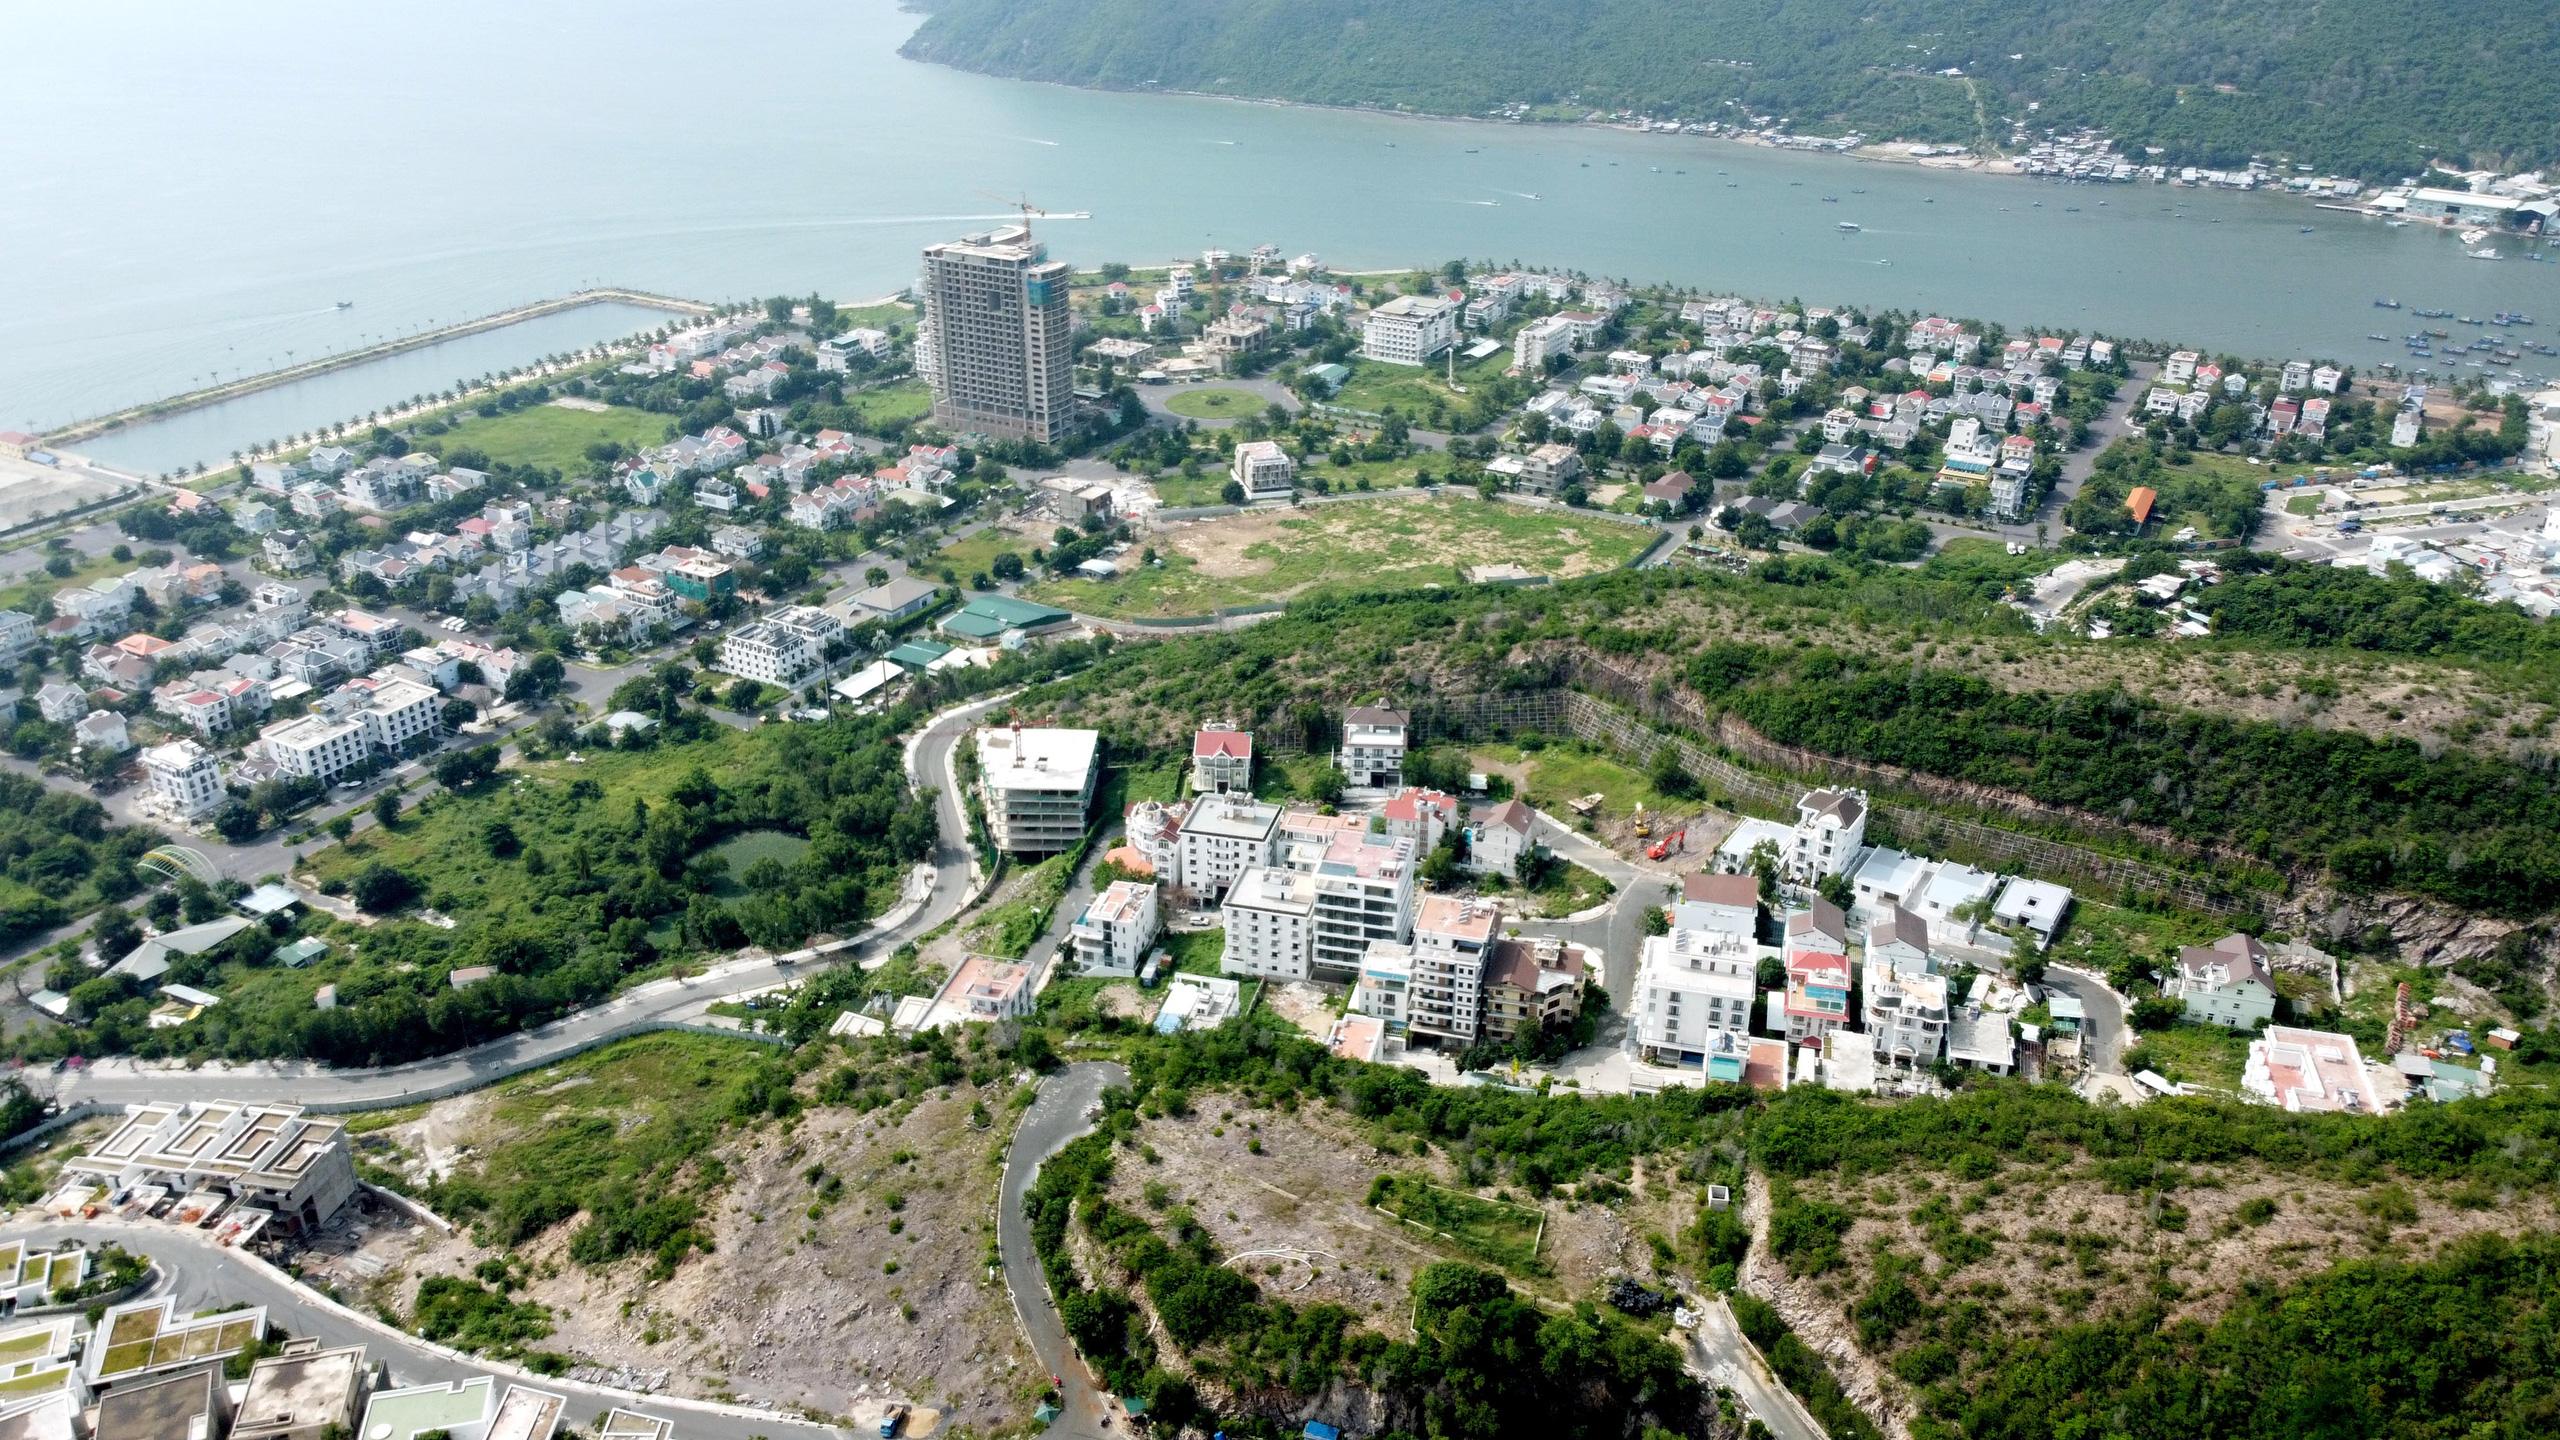 Thứ trưởng Nguyễn Thanh Nghị đề nghị làm rõ mật độ xây dựng, cao tầng trong điều chỉnh quy hoạch TP Nha Trang - Ảnh 3.